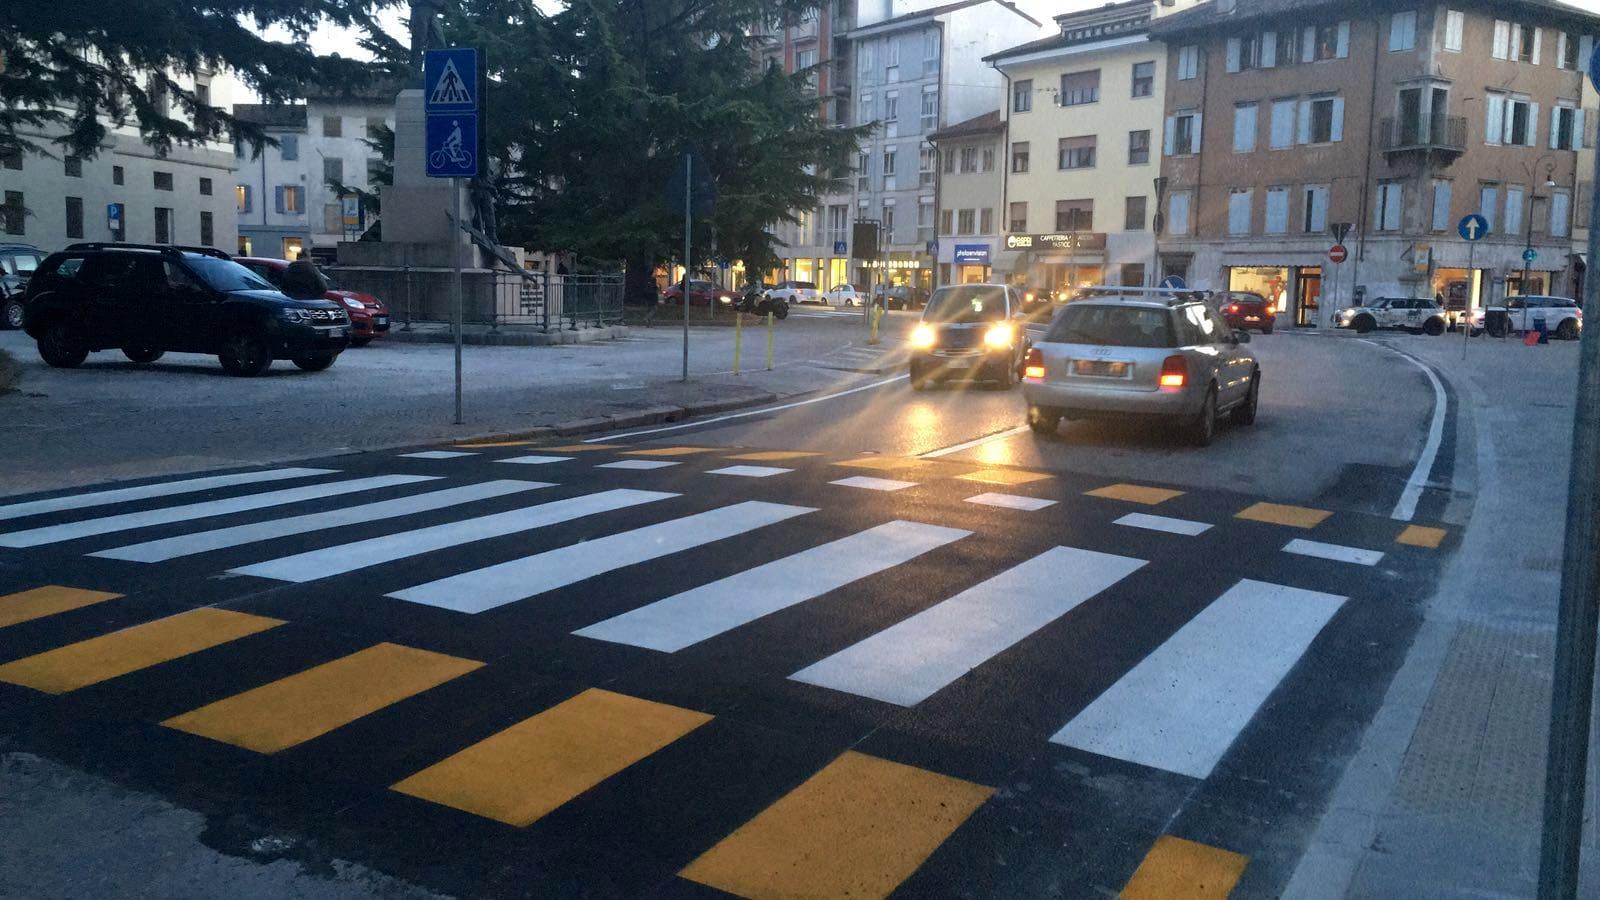 piazza garibaldi, pizza, viabilità, strada, cantiere-2